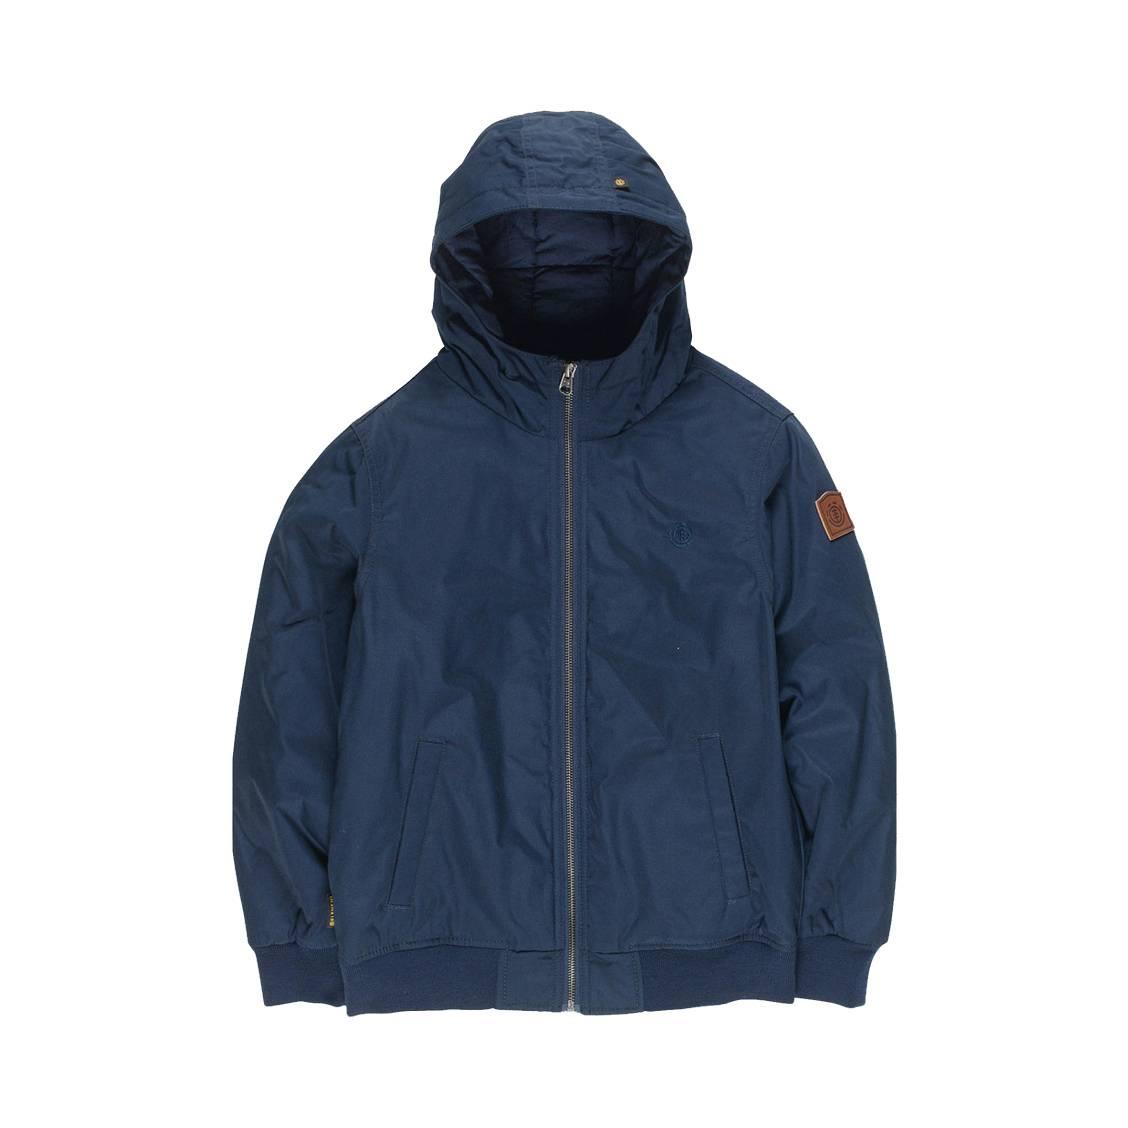 Blouson zippé à capuche Element Junior Dulcey bleu marine   Rue Des ... bbe8b9a1913